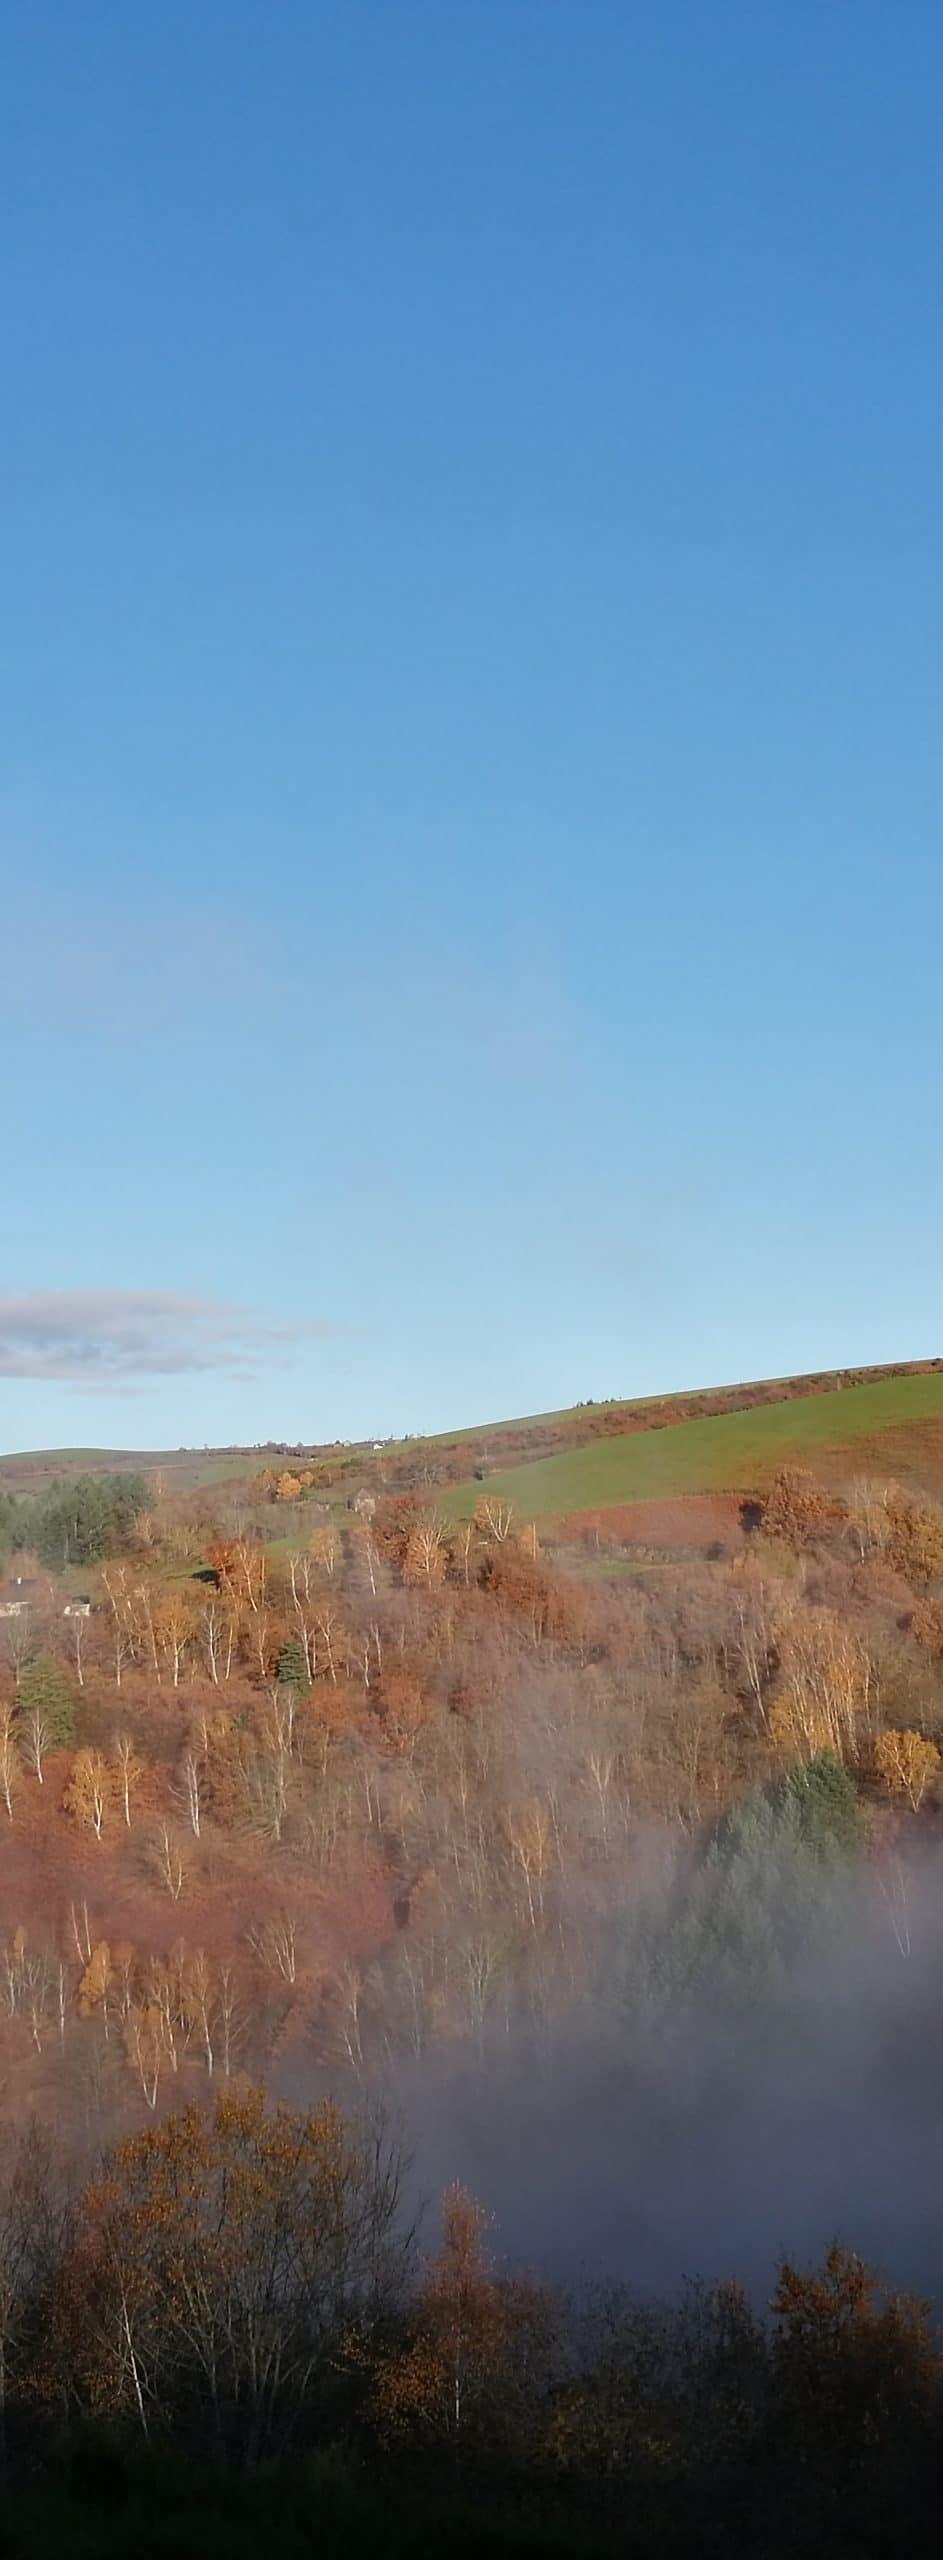 Parcours Le Fel Trail d'Aqui est l'espace trail de la Communauté de Communes Comtal Lot Truyère. 21 parcours (Bessuéjouls, Bozouls, Campuac, Coubisou, Entraygues, Espalion, Espeyrac, Estaing, Gabriac, Golinhac, La Loubière, Lassouts, Le Cayrol, Le Fel, Le Nayrac, Montrozier, Rodelle, Saint-Côme-d'Olt, Saint-Hippolyte, Sébrazac, Villecomtal) et 2 parcours demi-kilomètre vertical permettent de découvrir plus de 500 kilomètres de chemins et monotraces.